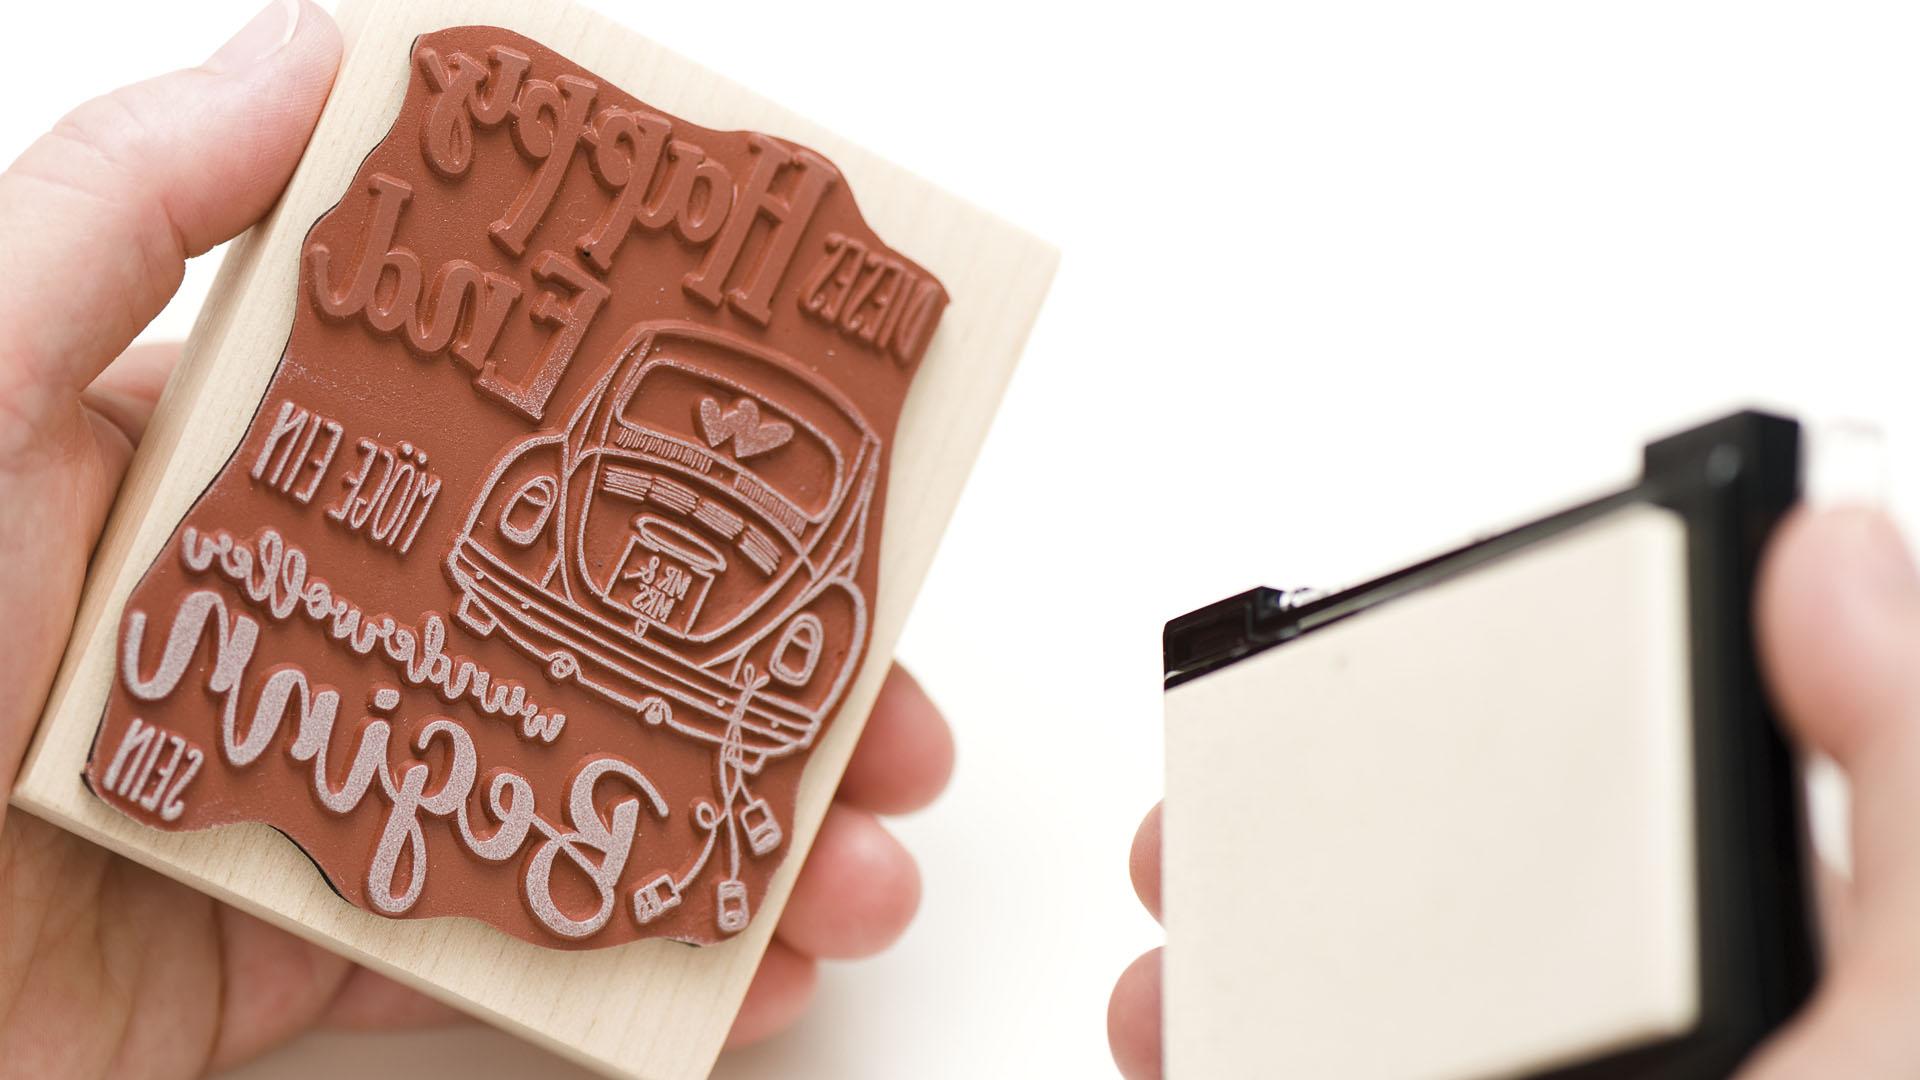 BUTTERER STEMPEL | Hochwertiges Stempelgummi aus Naturkautschuk, ideale Dämpfung, heimische Hölzer, Design und Herstellung in eigener Hand